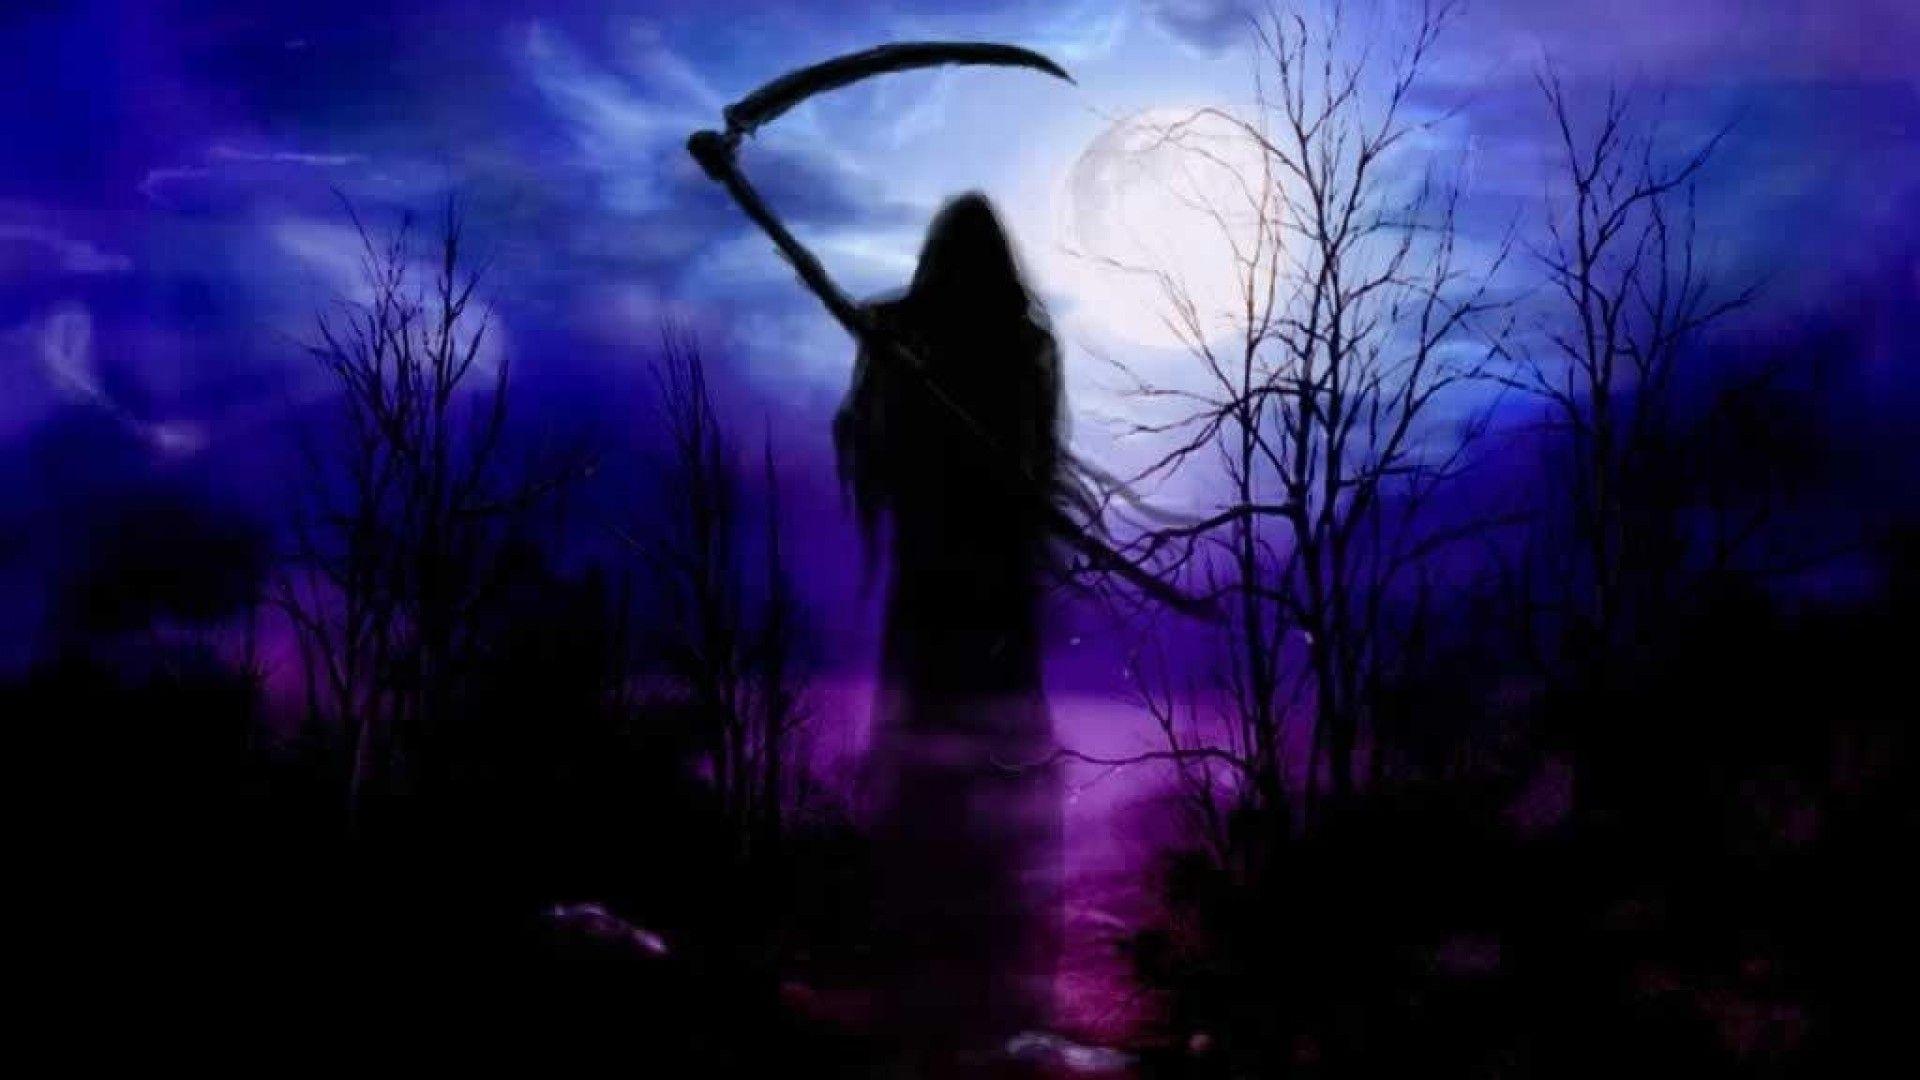 Cool Grim Reaper Wallpapers | Wallpaper Hd Grim Reaper, Grim Reaper Drawings, Grim Reapers Face .